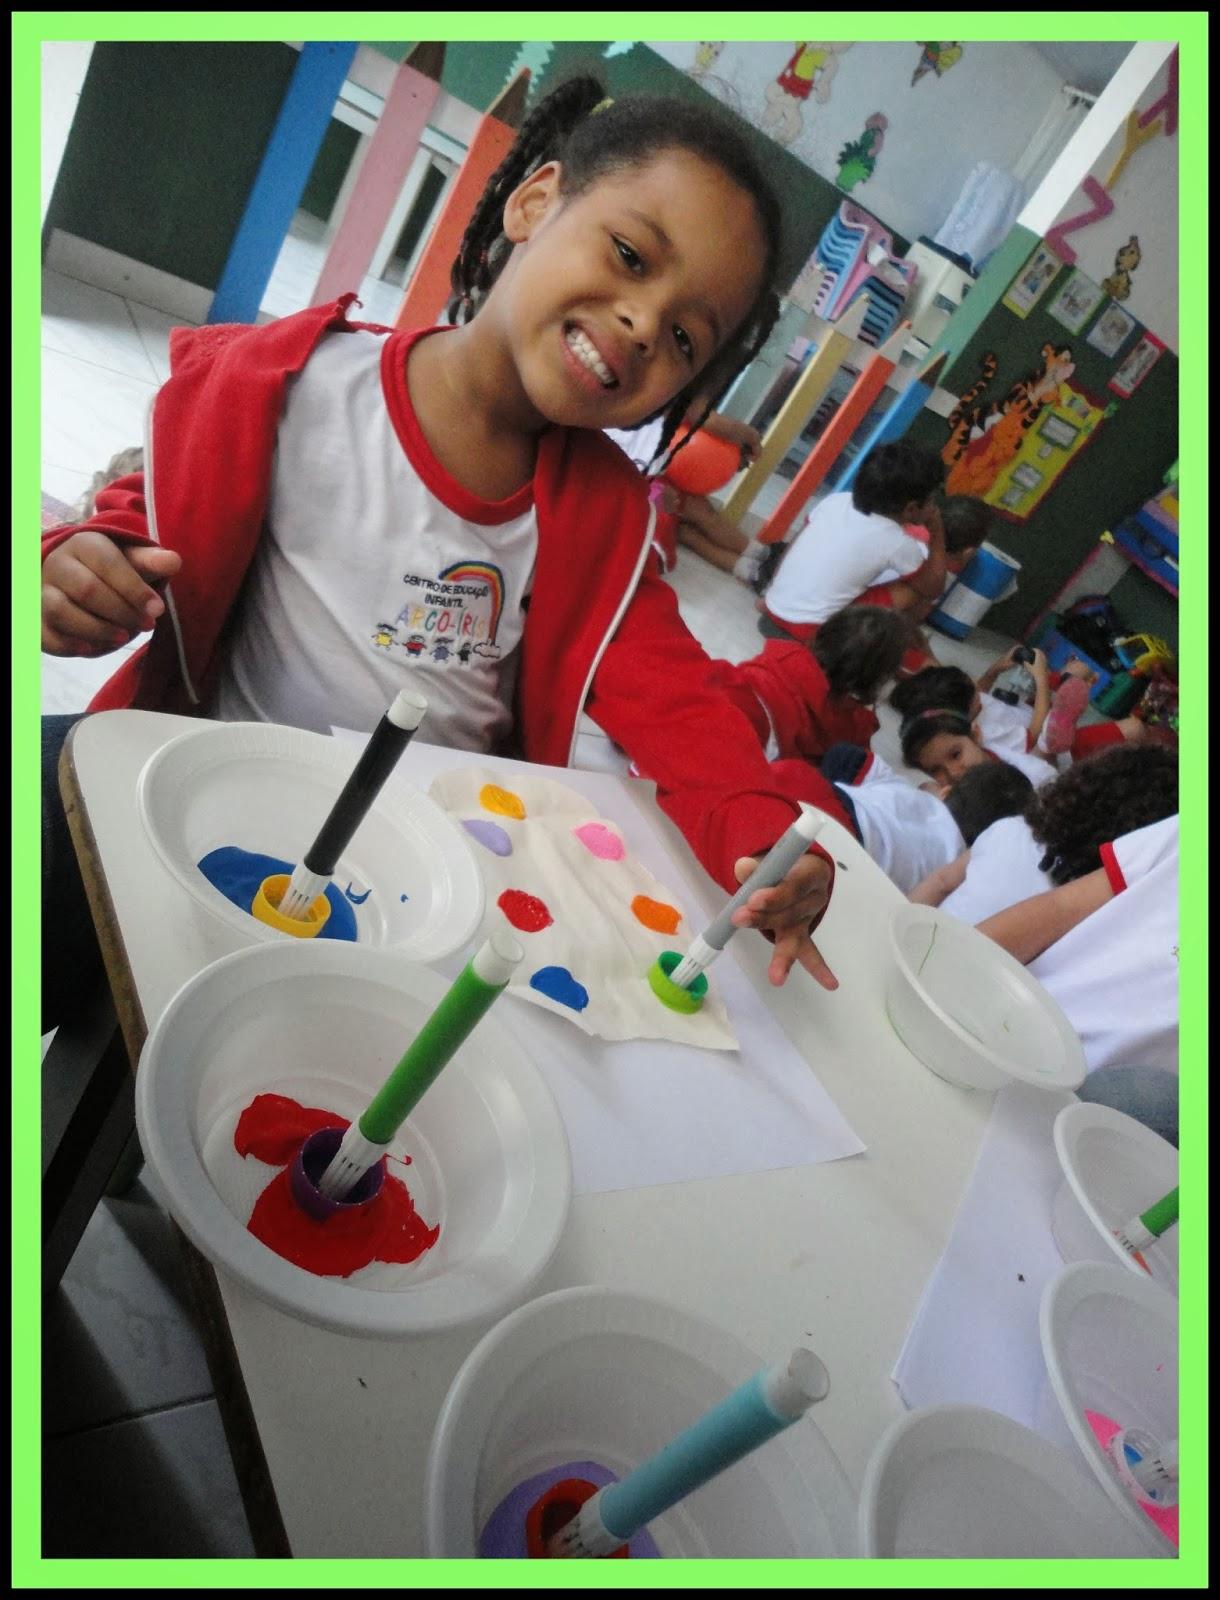 CENTRO DE EDUCAÇÃO INFANTIL ARCO ÍRIS: PROJETO: DESCOBRINDO O  #41B01B 1220 1600